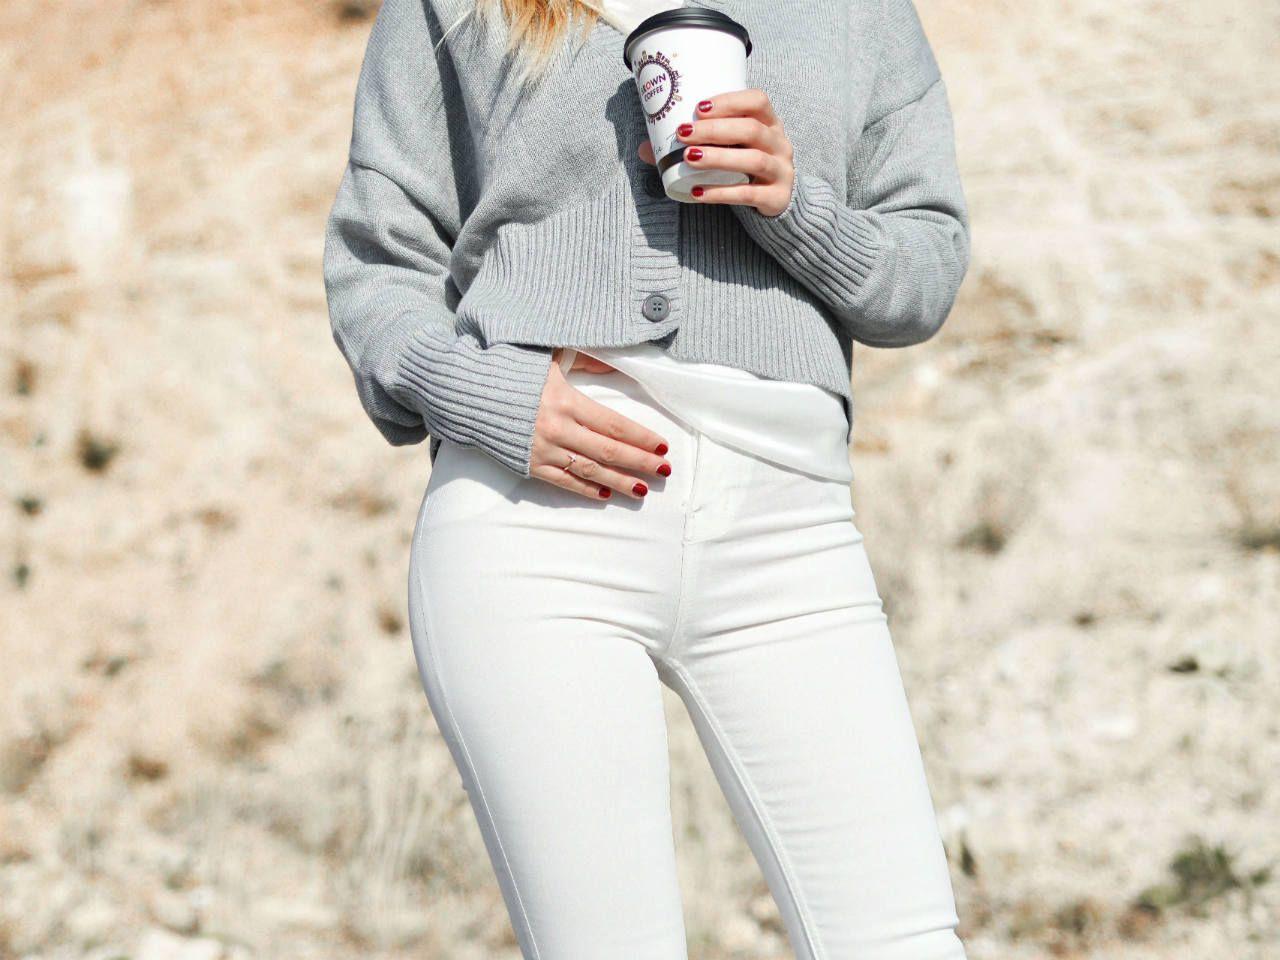 Beżowa bluza z kaputrem, jasne jeansy i białe trampki